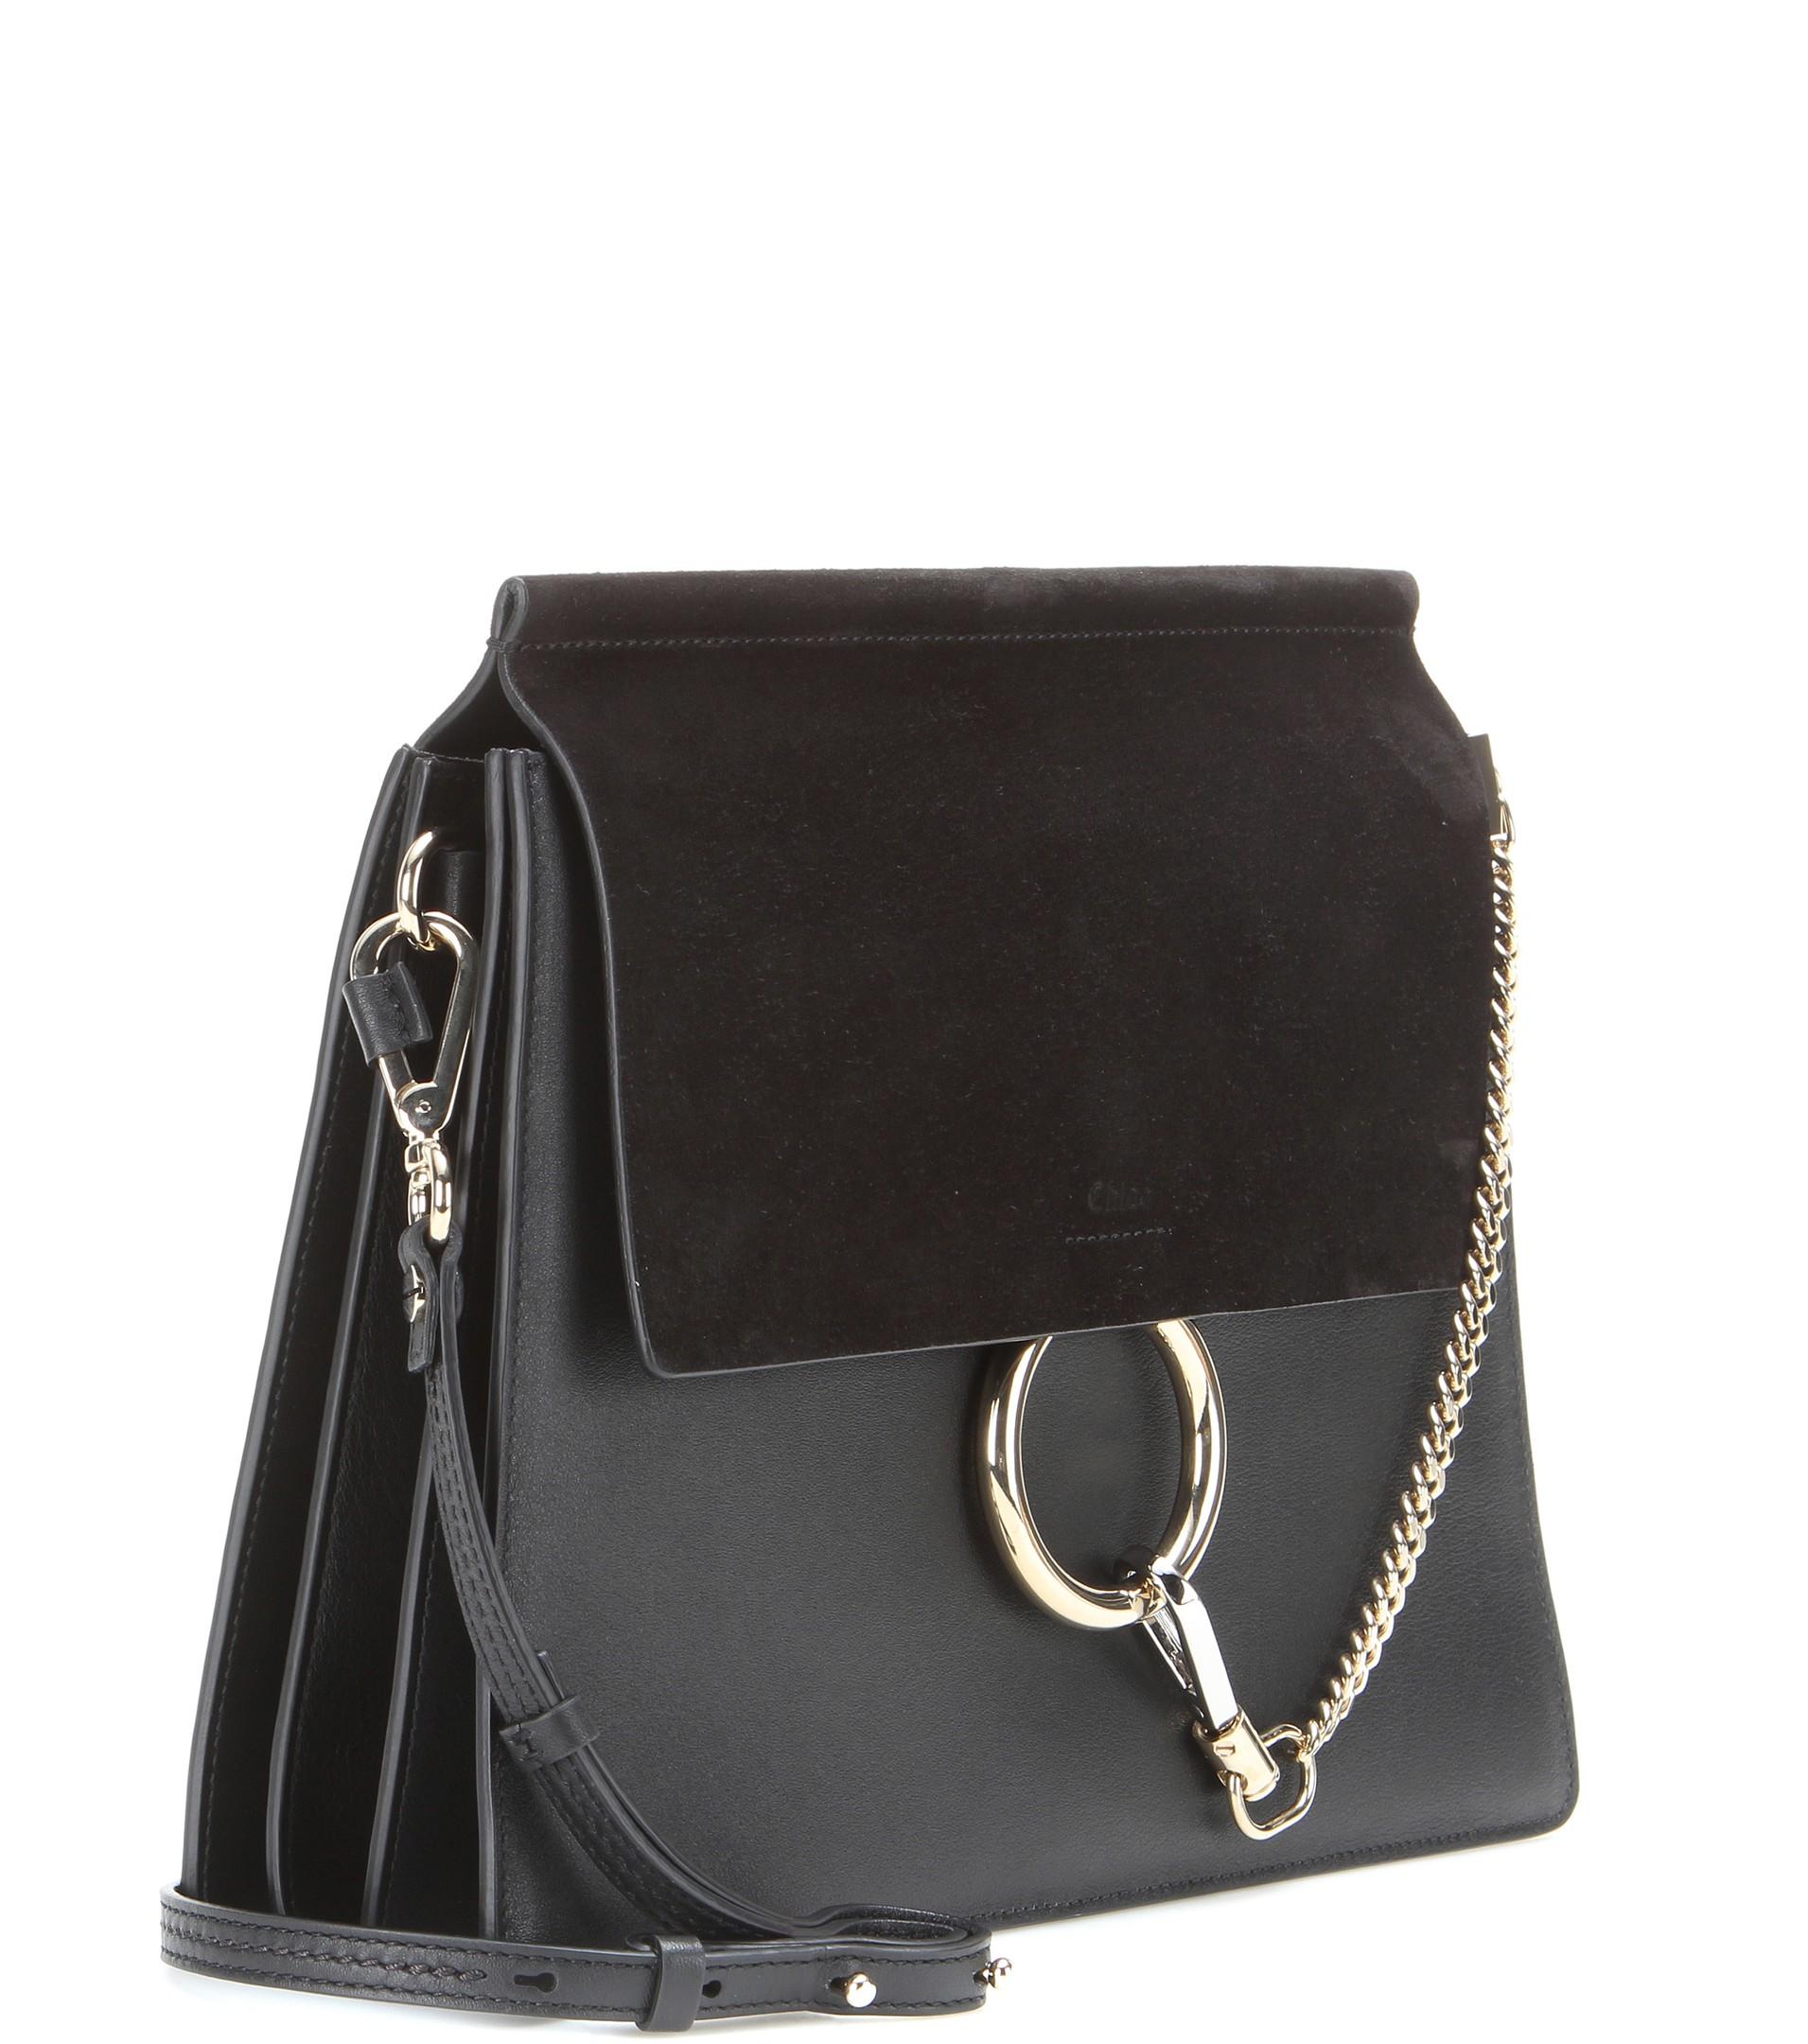 chloe marcie knockoff - chloe faye leather suede clutch bag, gray chloe bag